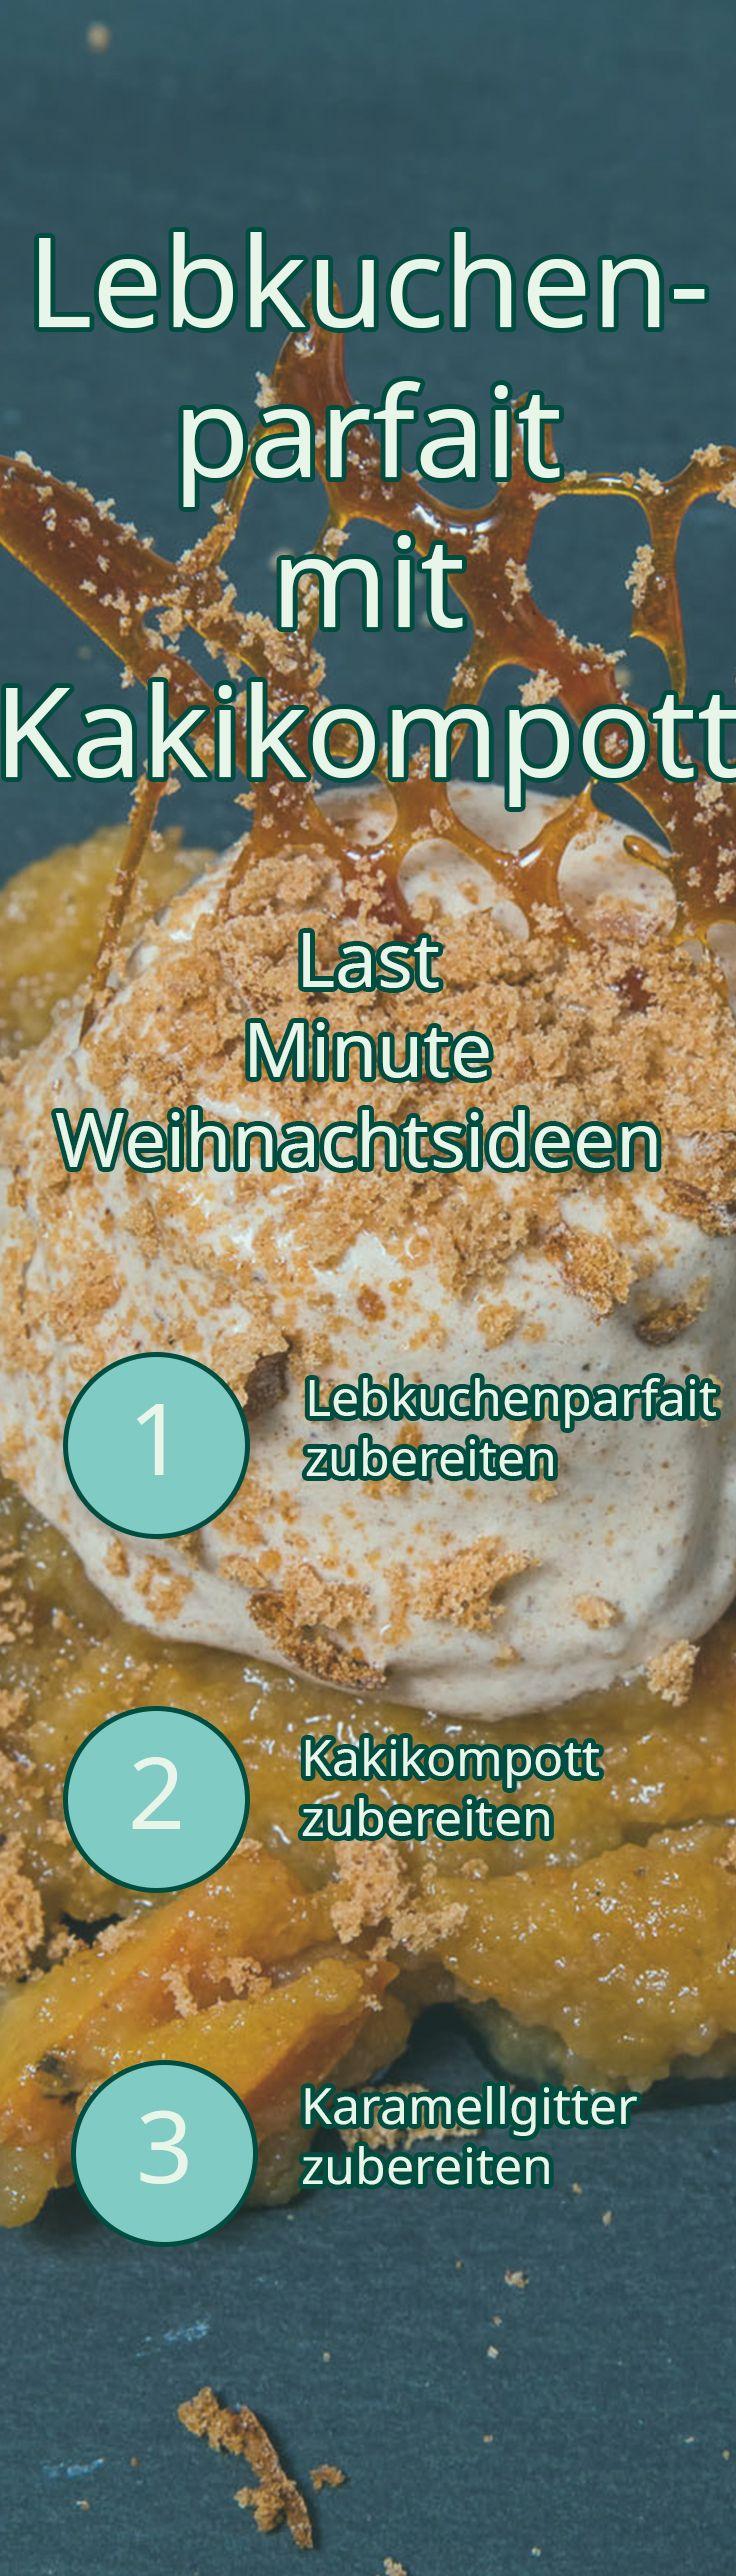 Last Minute Weihnachtsideen – Lebkuchenparfait mit Kakikompott